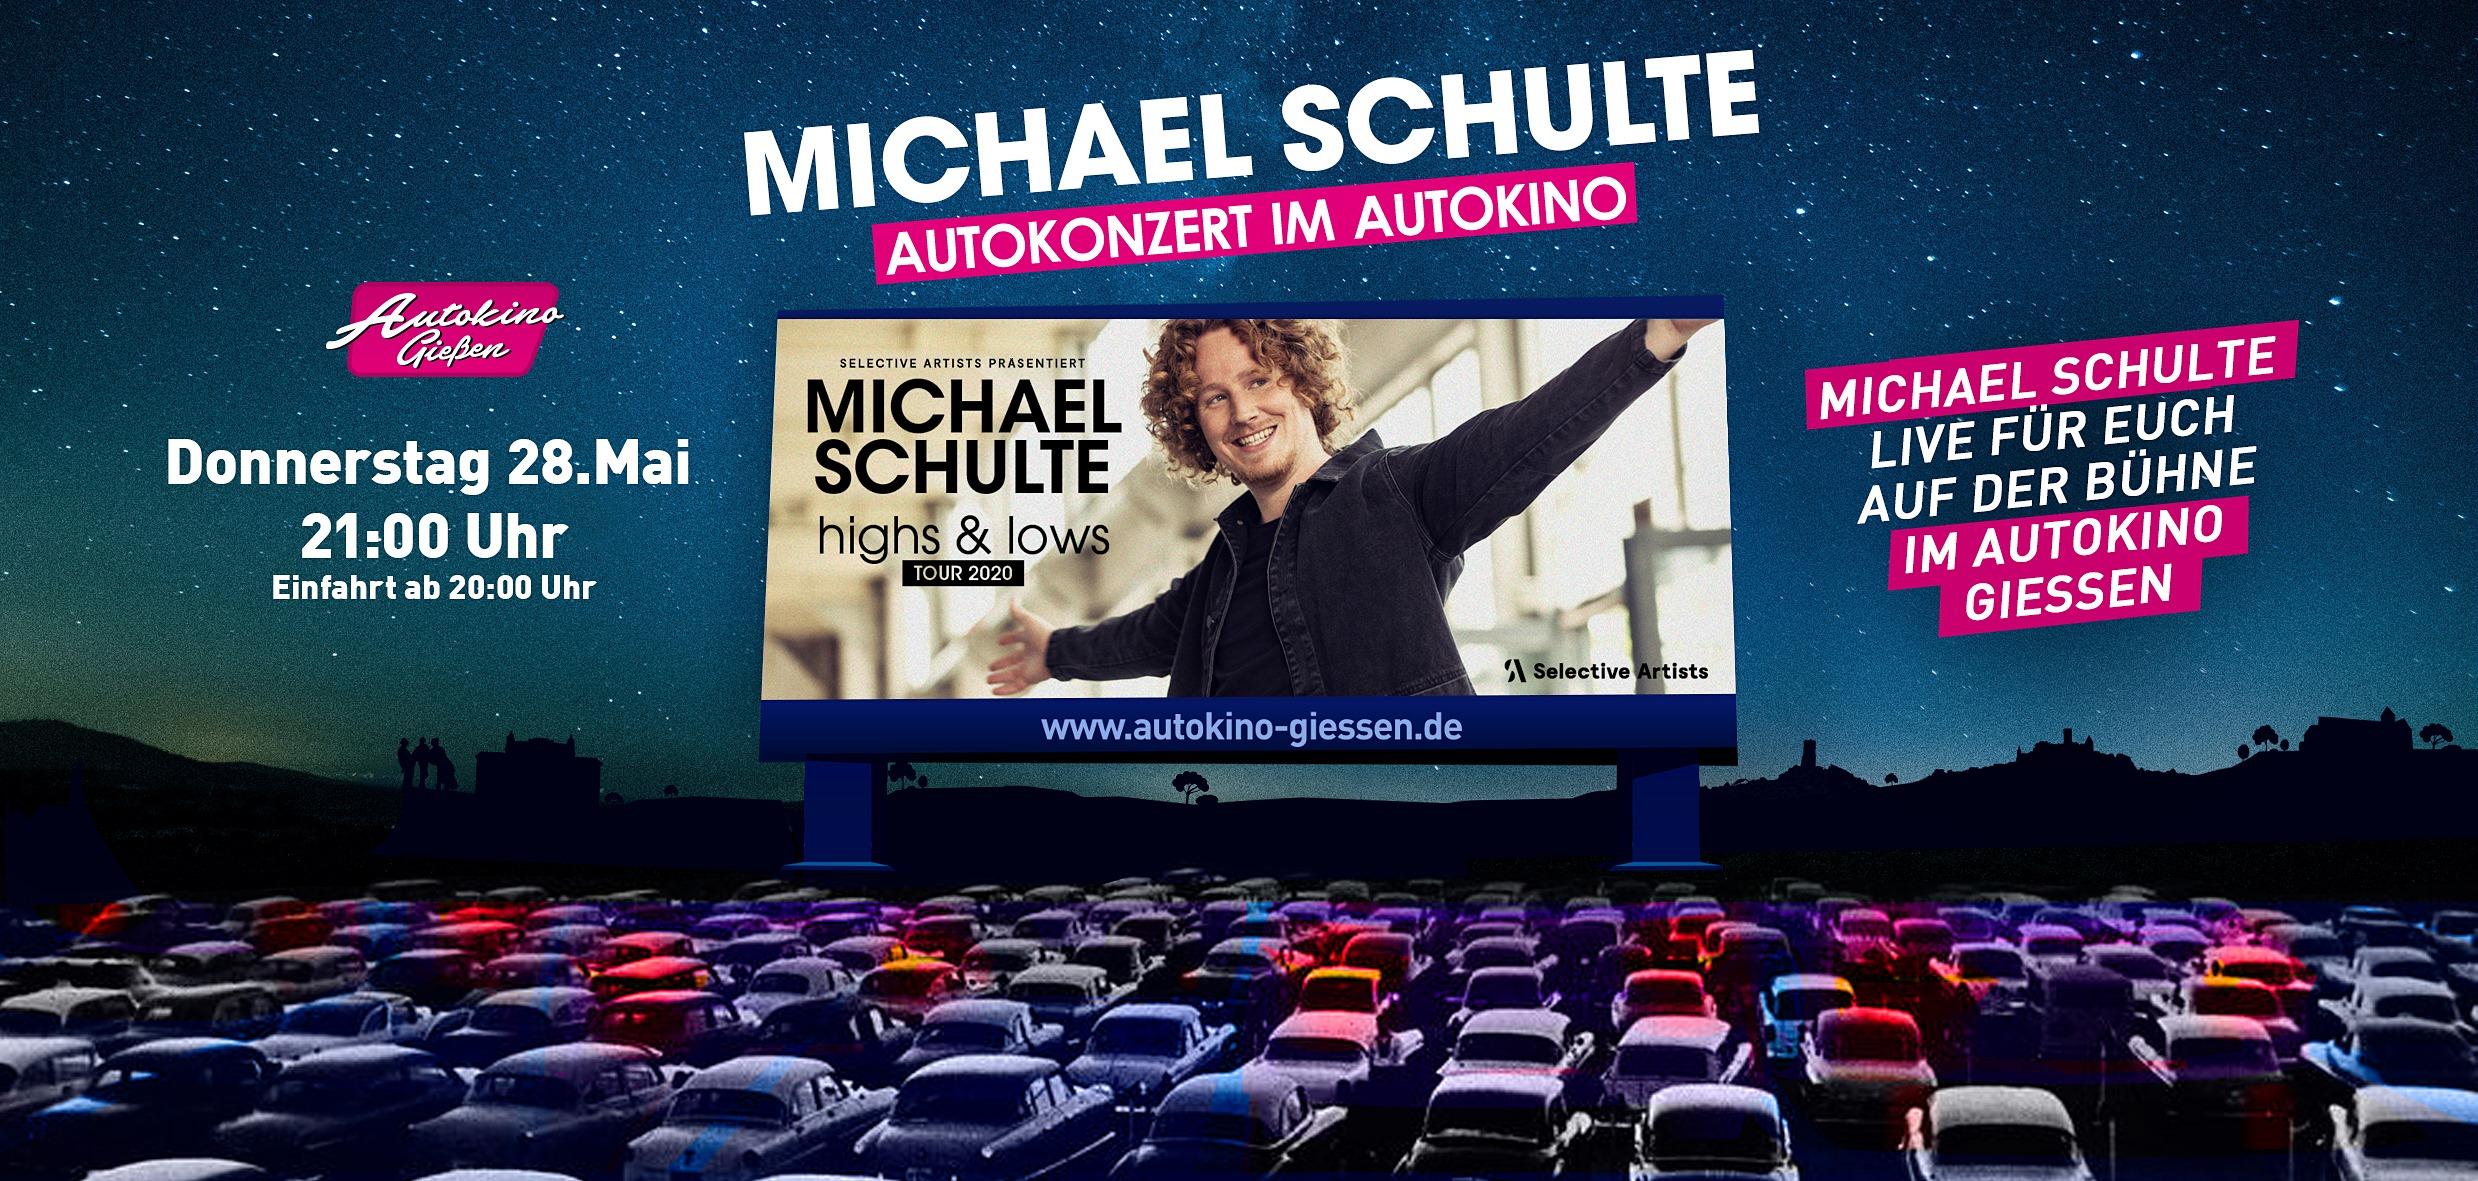 Michael Schulte live im Autokino